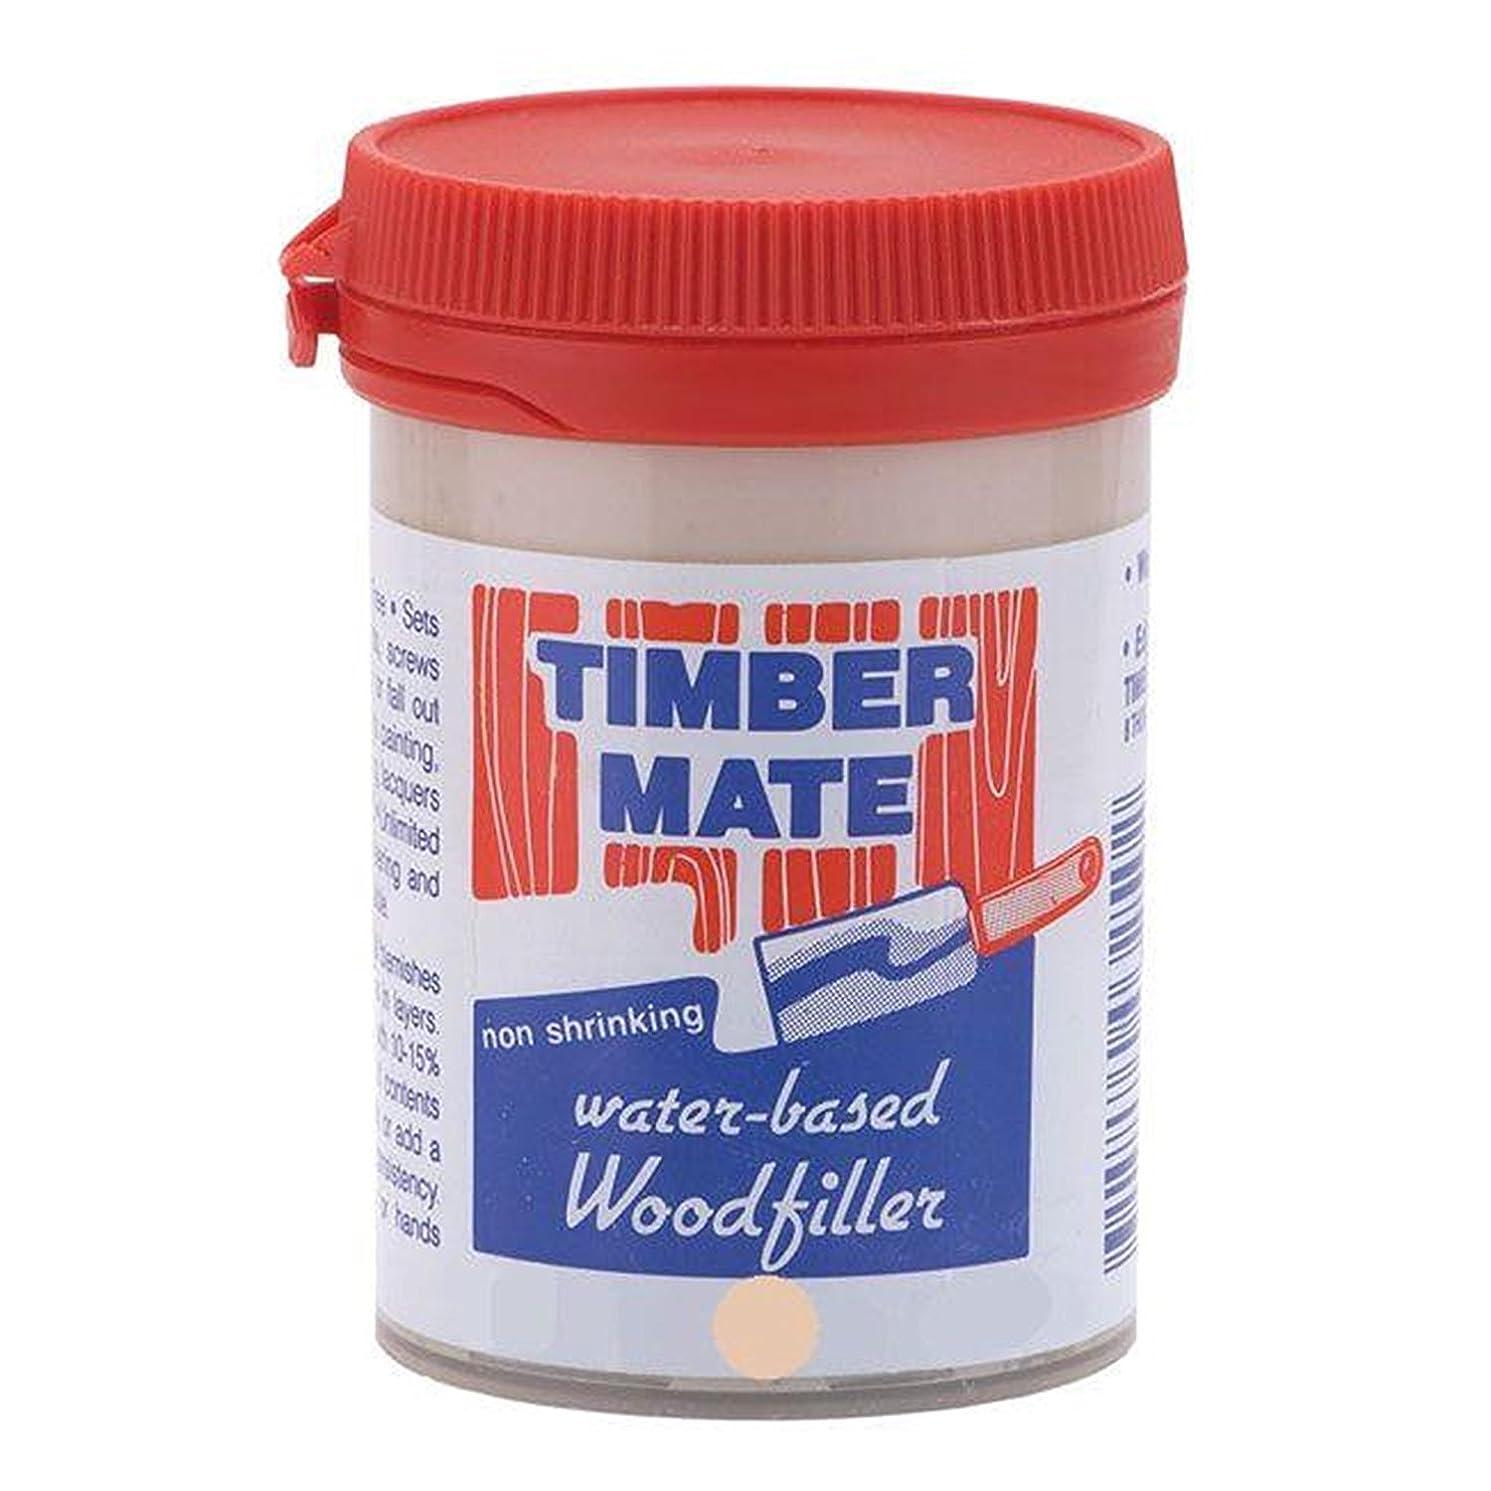 Timbermate White Oak Hardwood Wood Filler 8oz Jar